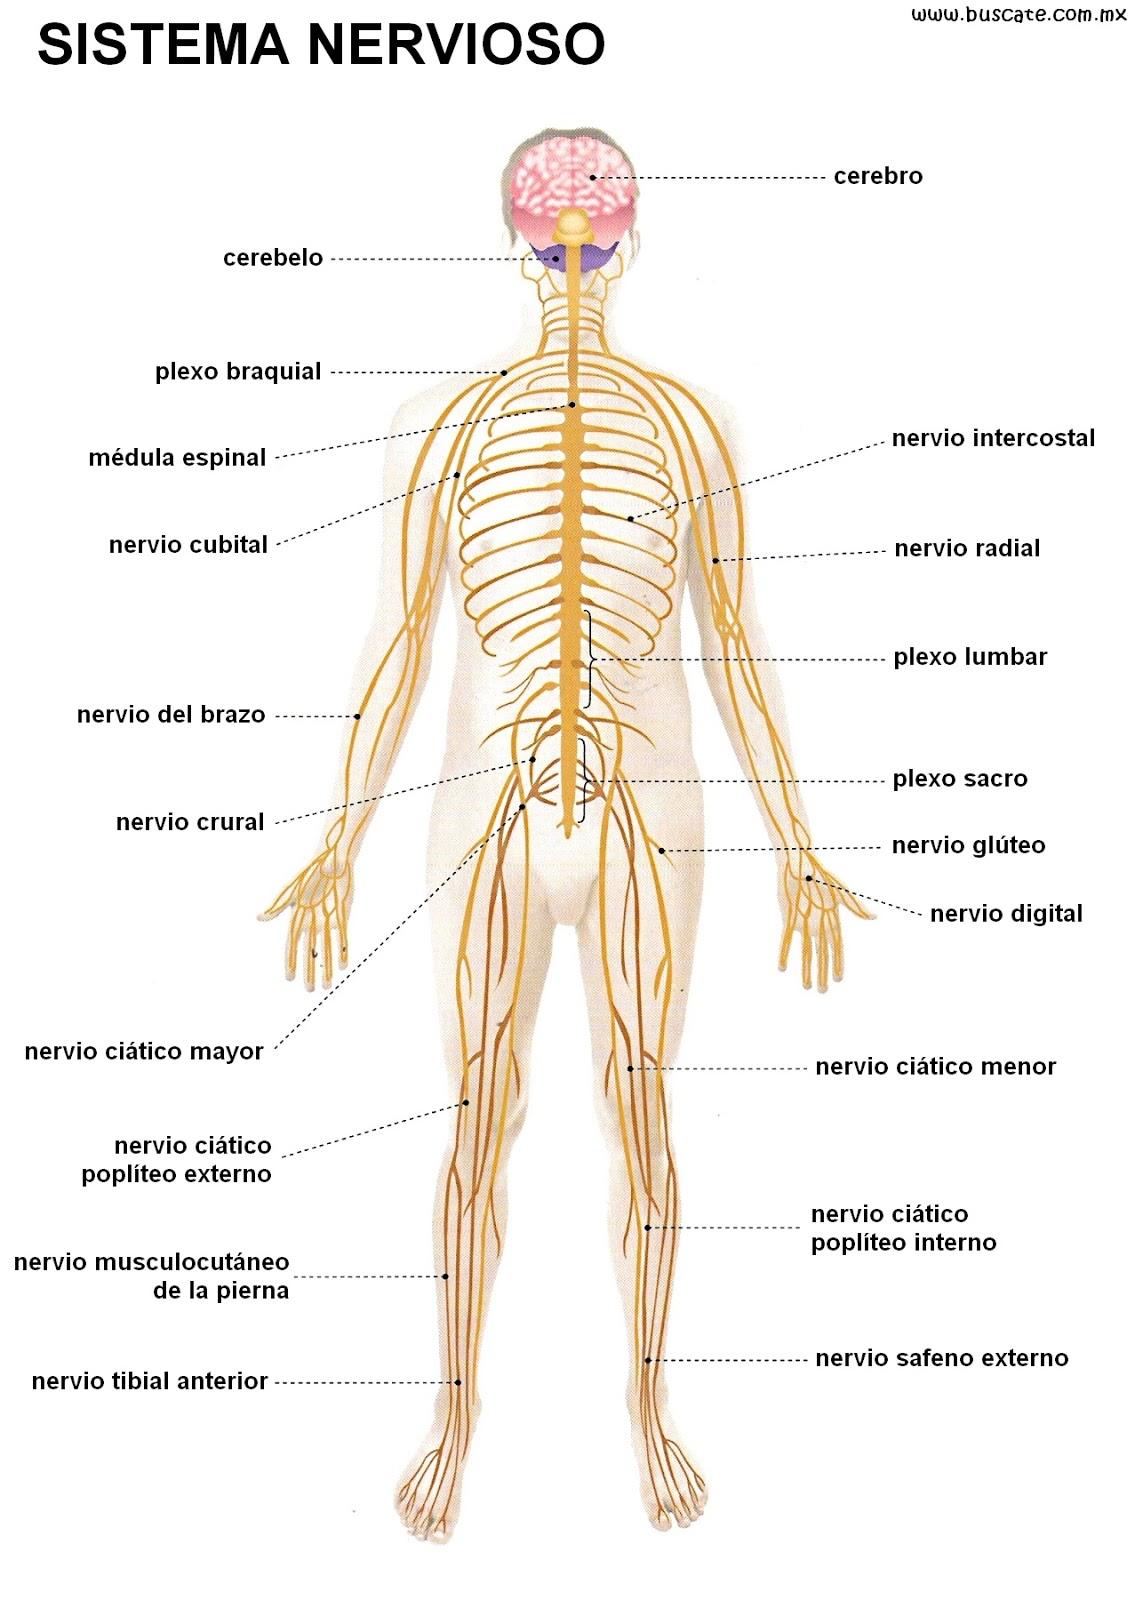 GENERALIDADES DEL SISTEMA NERVIOSO EN HUMANOS | Sistema nervioso